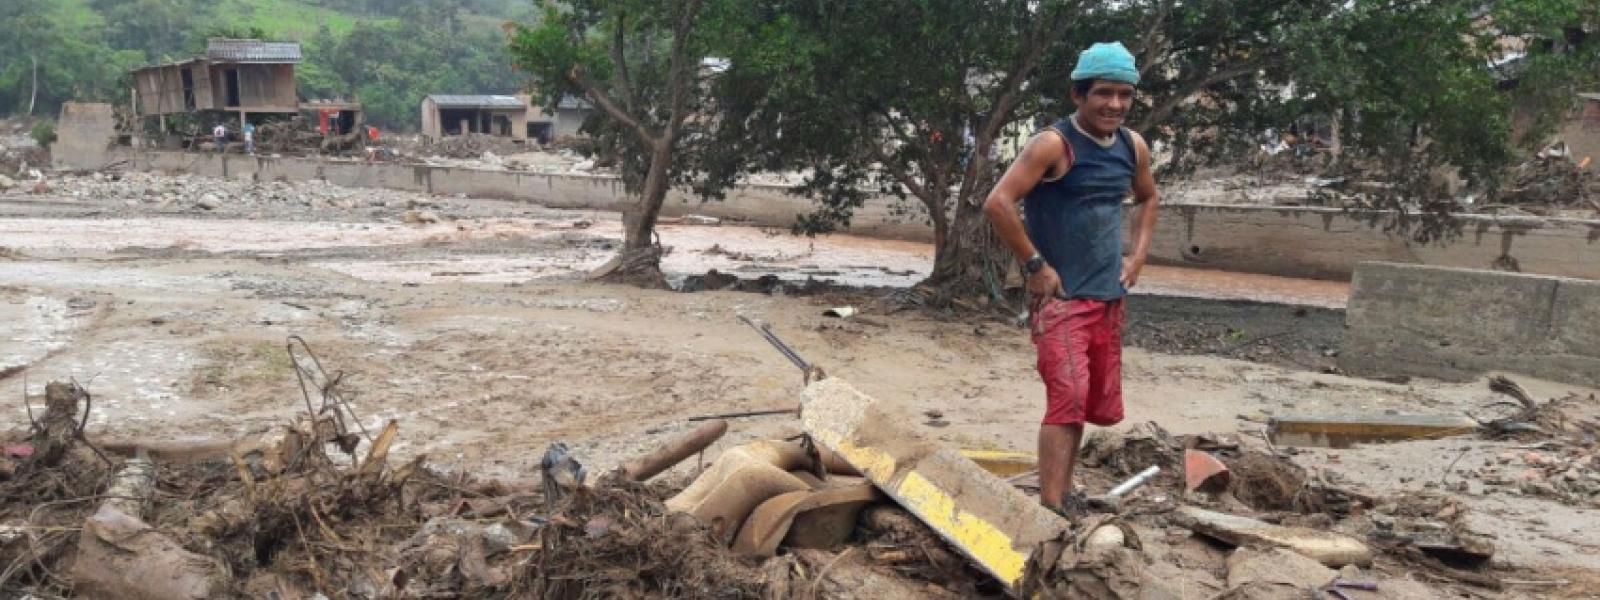 En Mocoa, Colombia, un megadeslizamiento arrastró masas de agua, tierra y lodo, sepultando barrios completos.